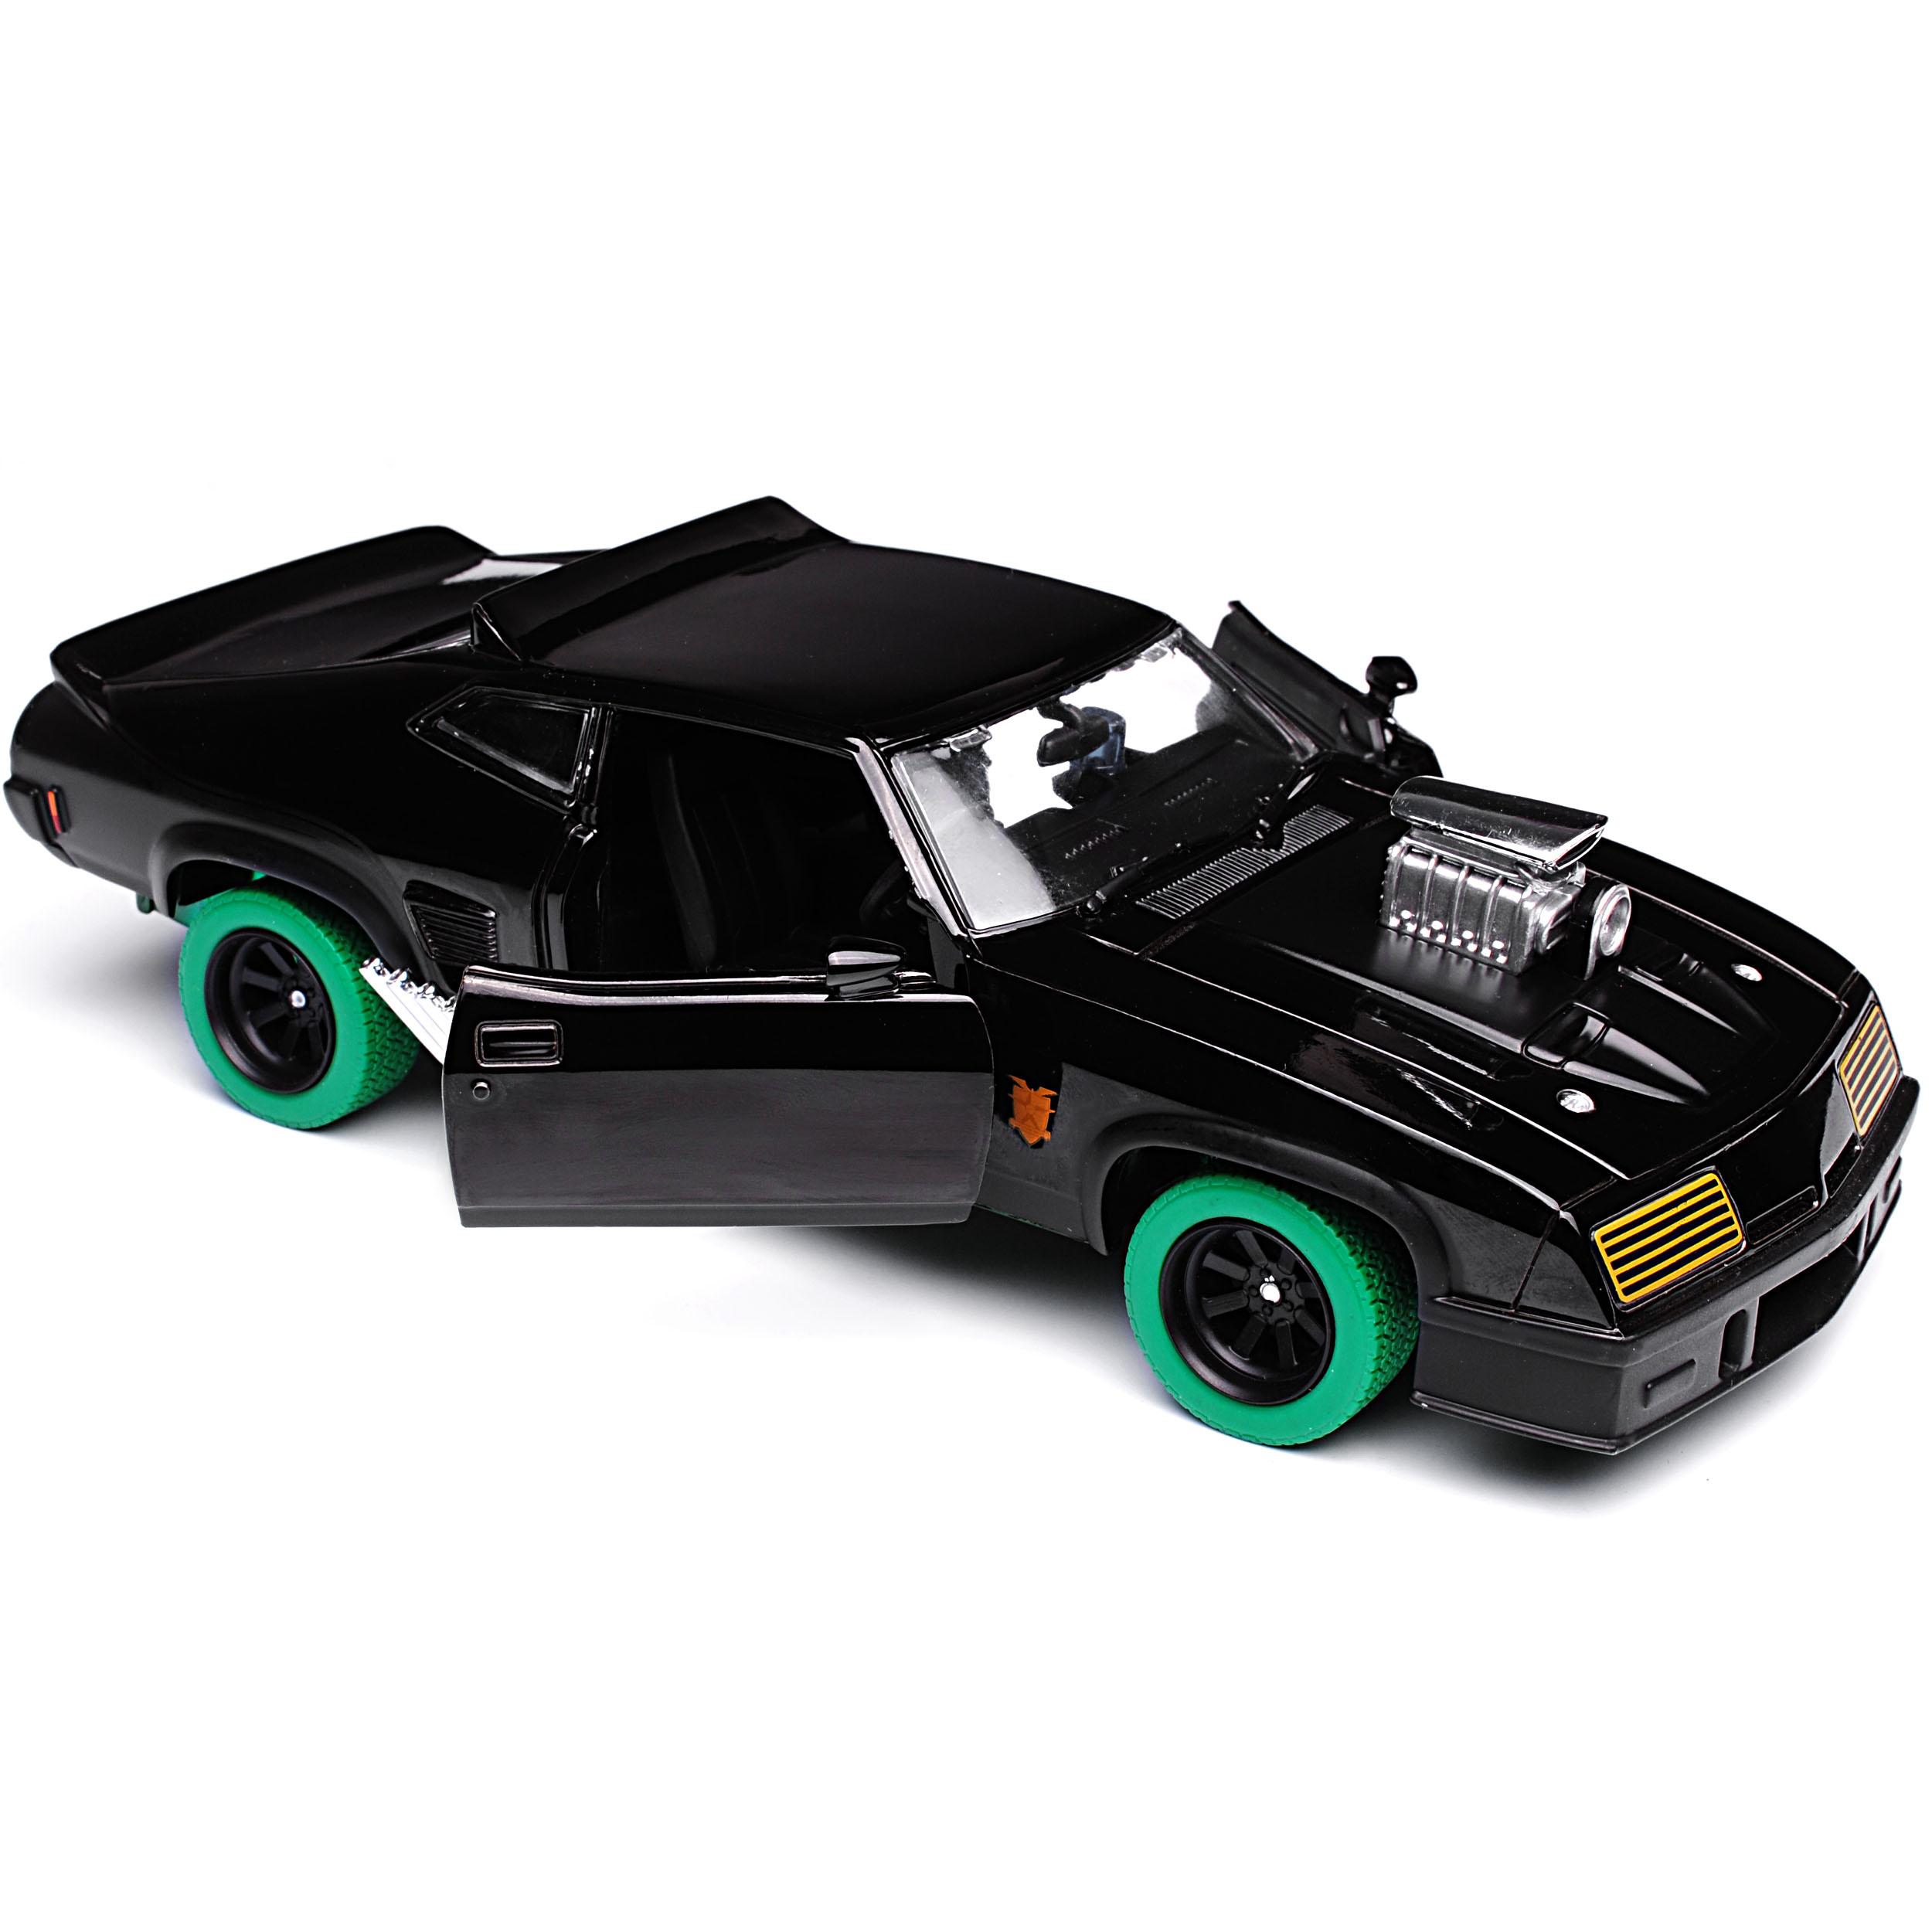 Ford-xb-Falcon-tuned-version-Mad-Max-II-2-Black-interceptor-negro-con-Gruene miniatura 9